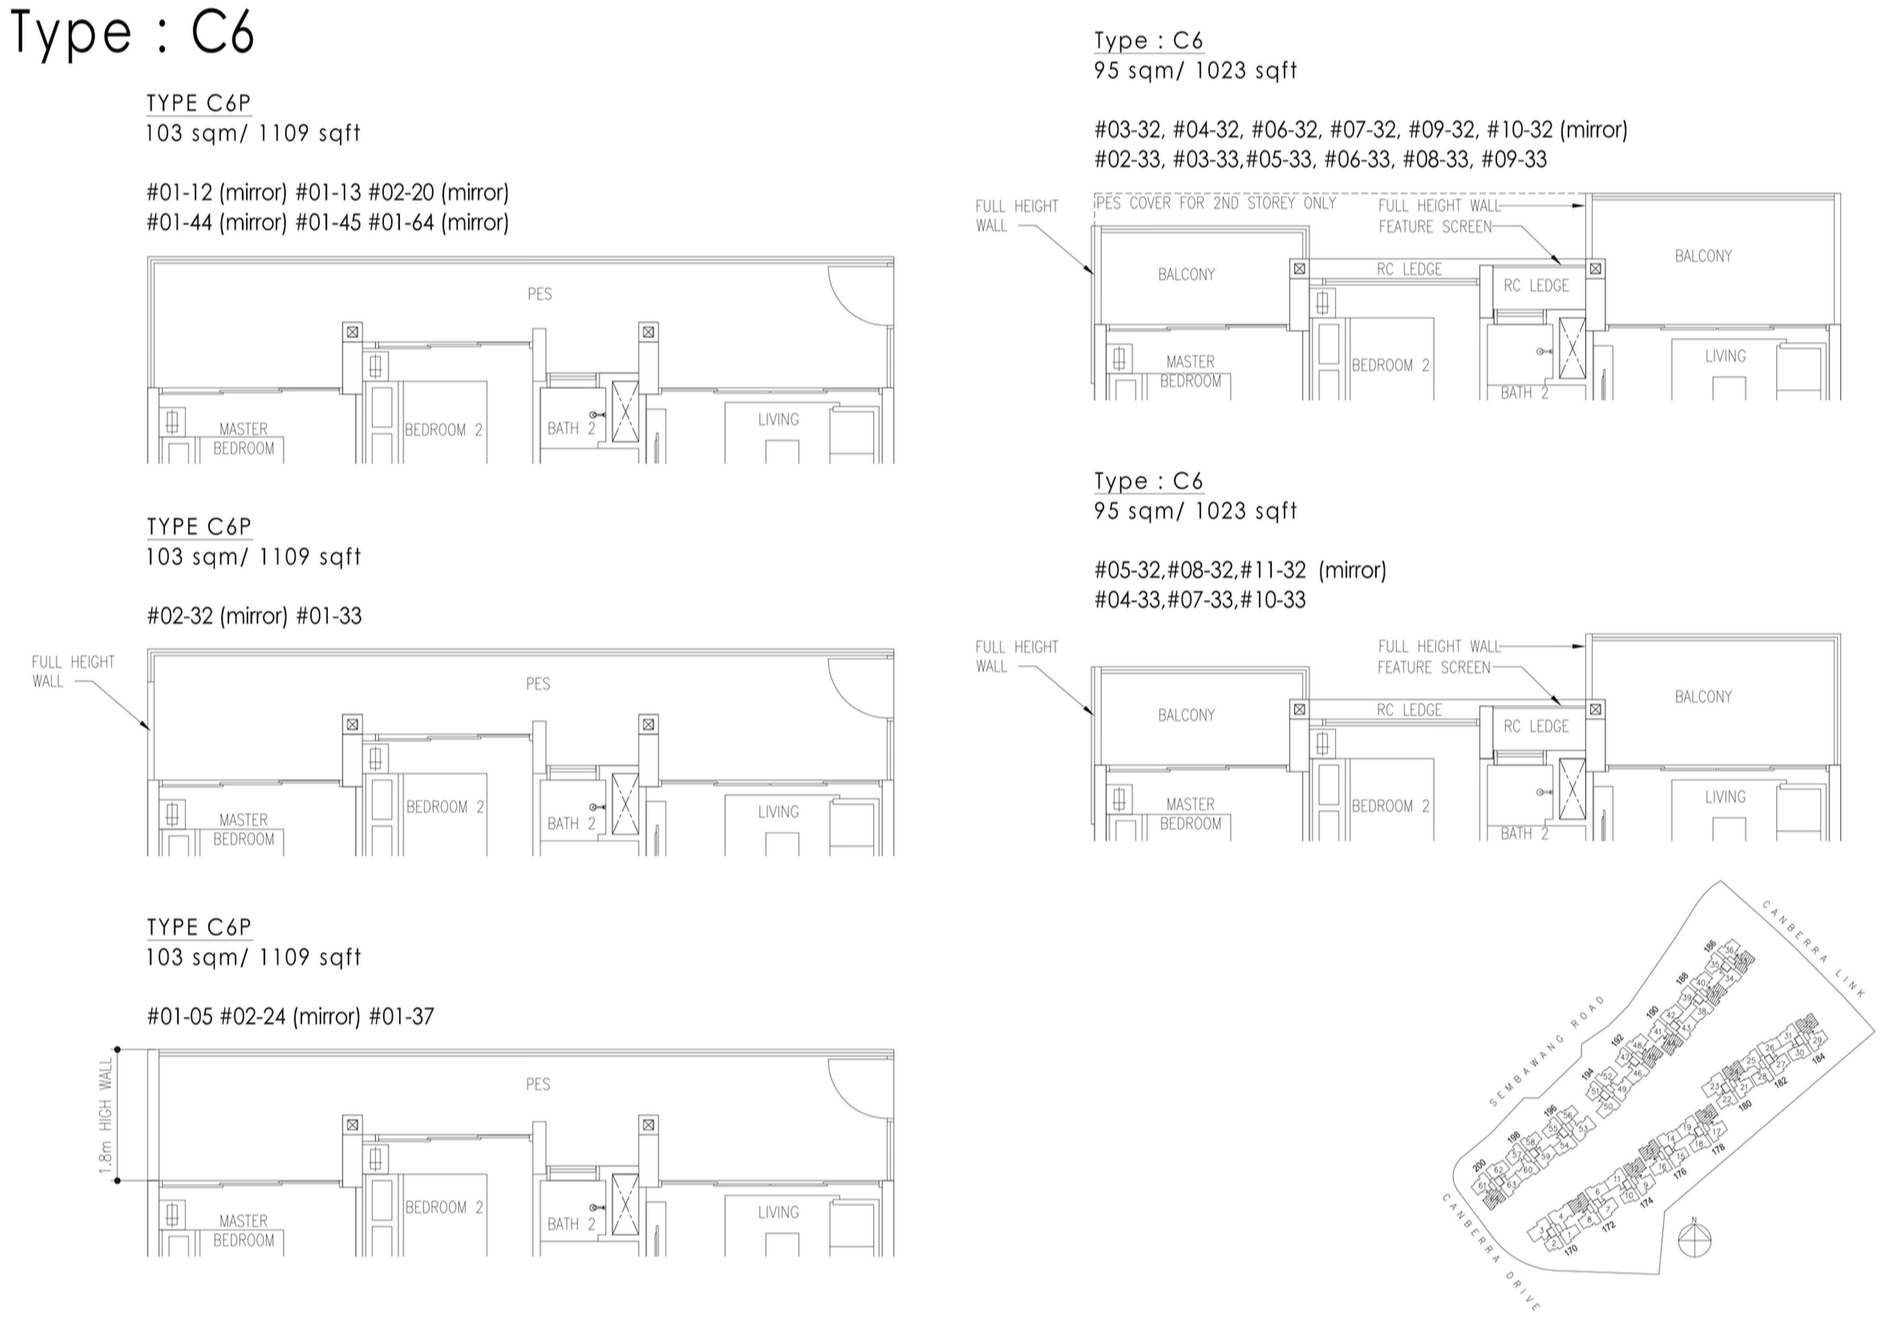 The Visionaire EC Floor Plan - 3 Bedroom Premium C6 C6P 95 sqm 1023 sqft